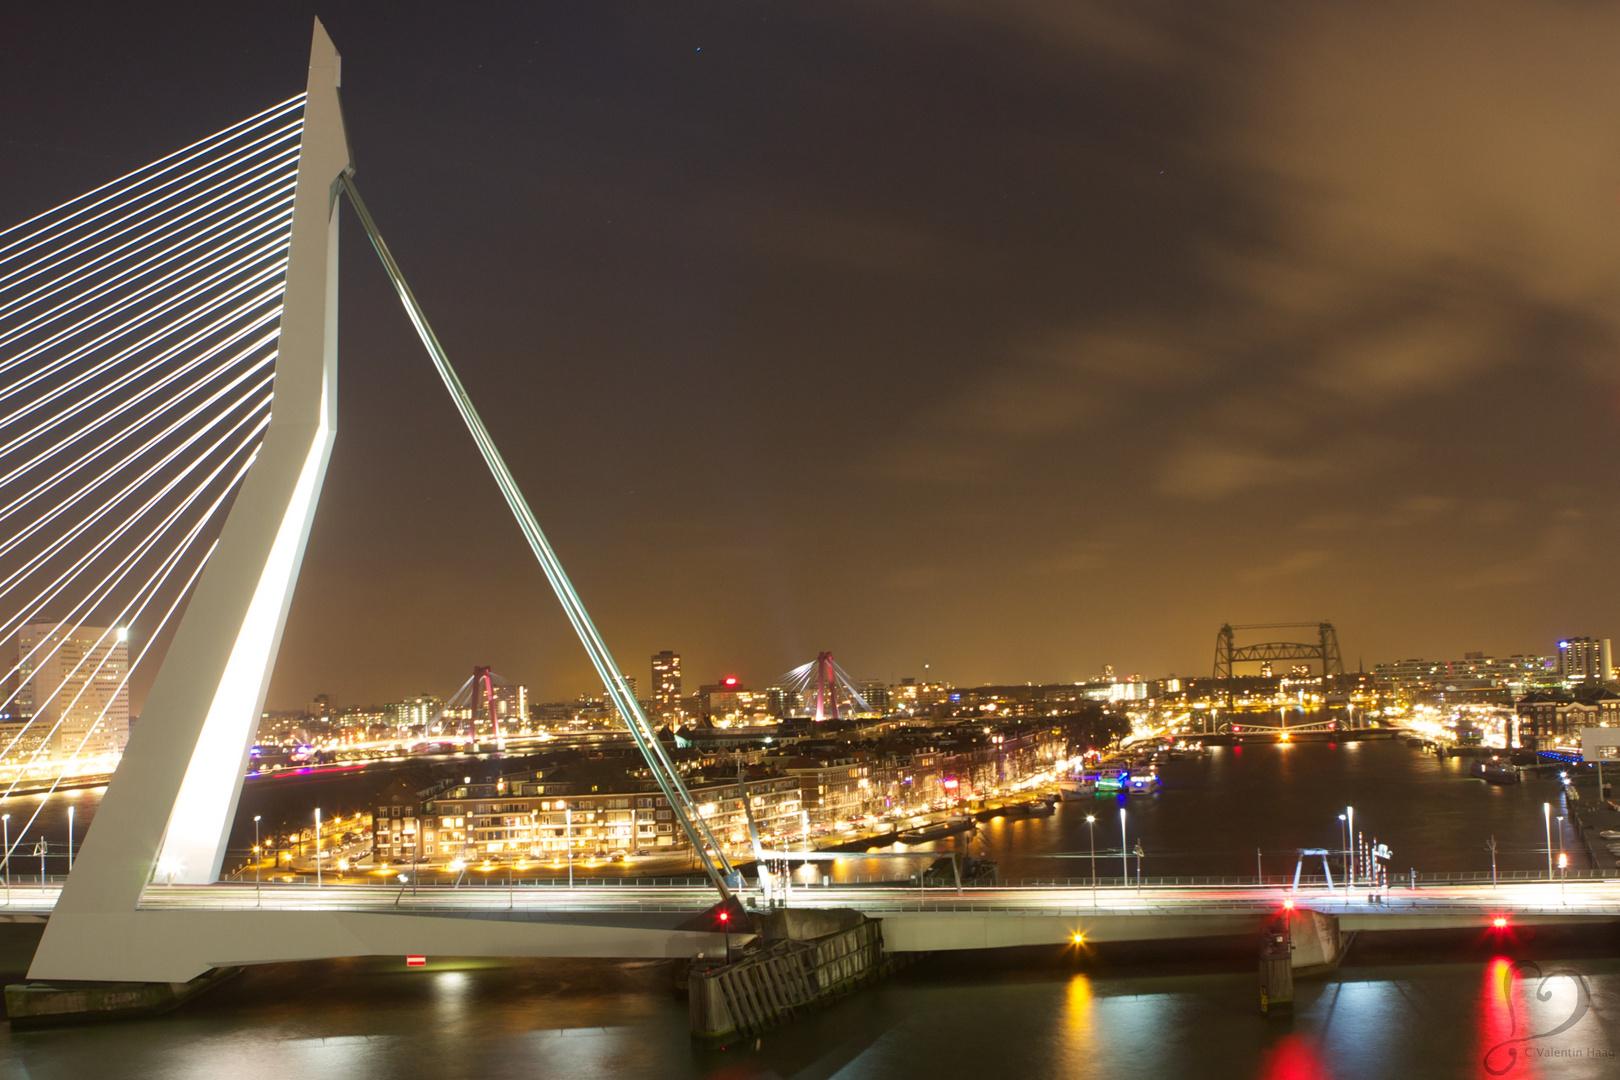 The Erasmus Bridge